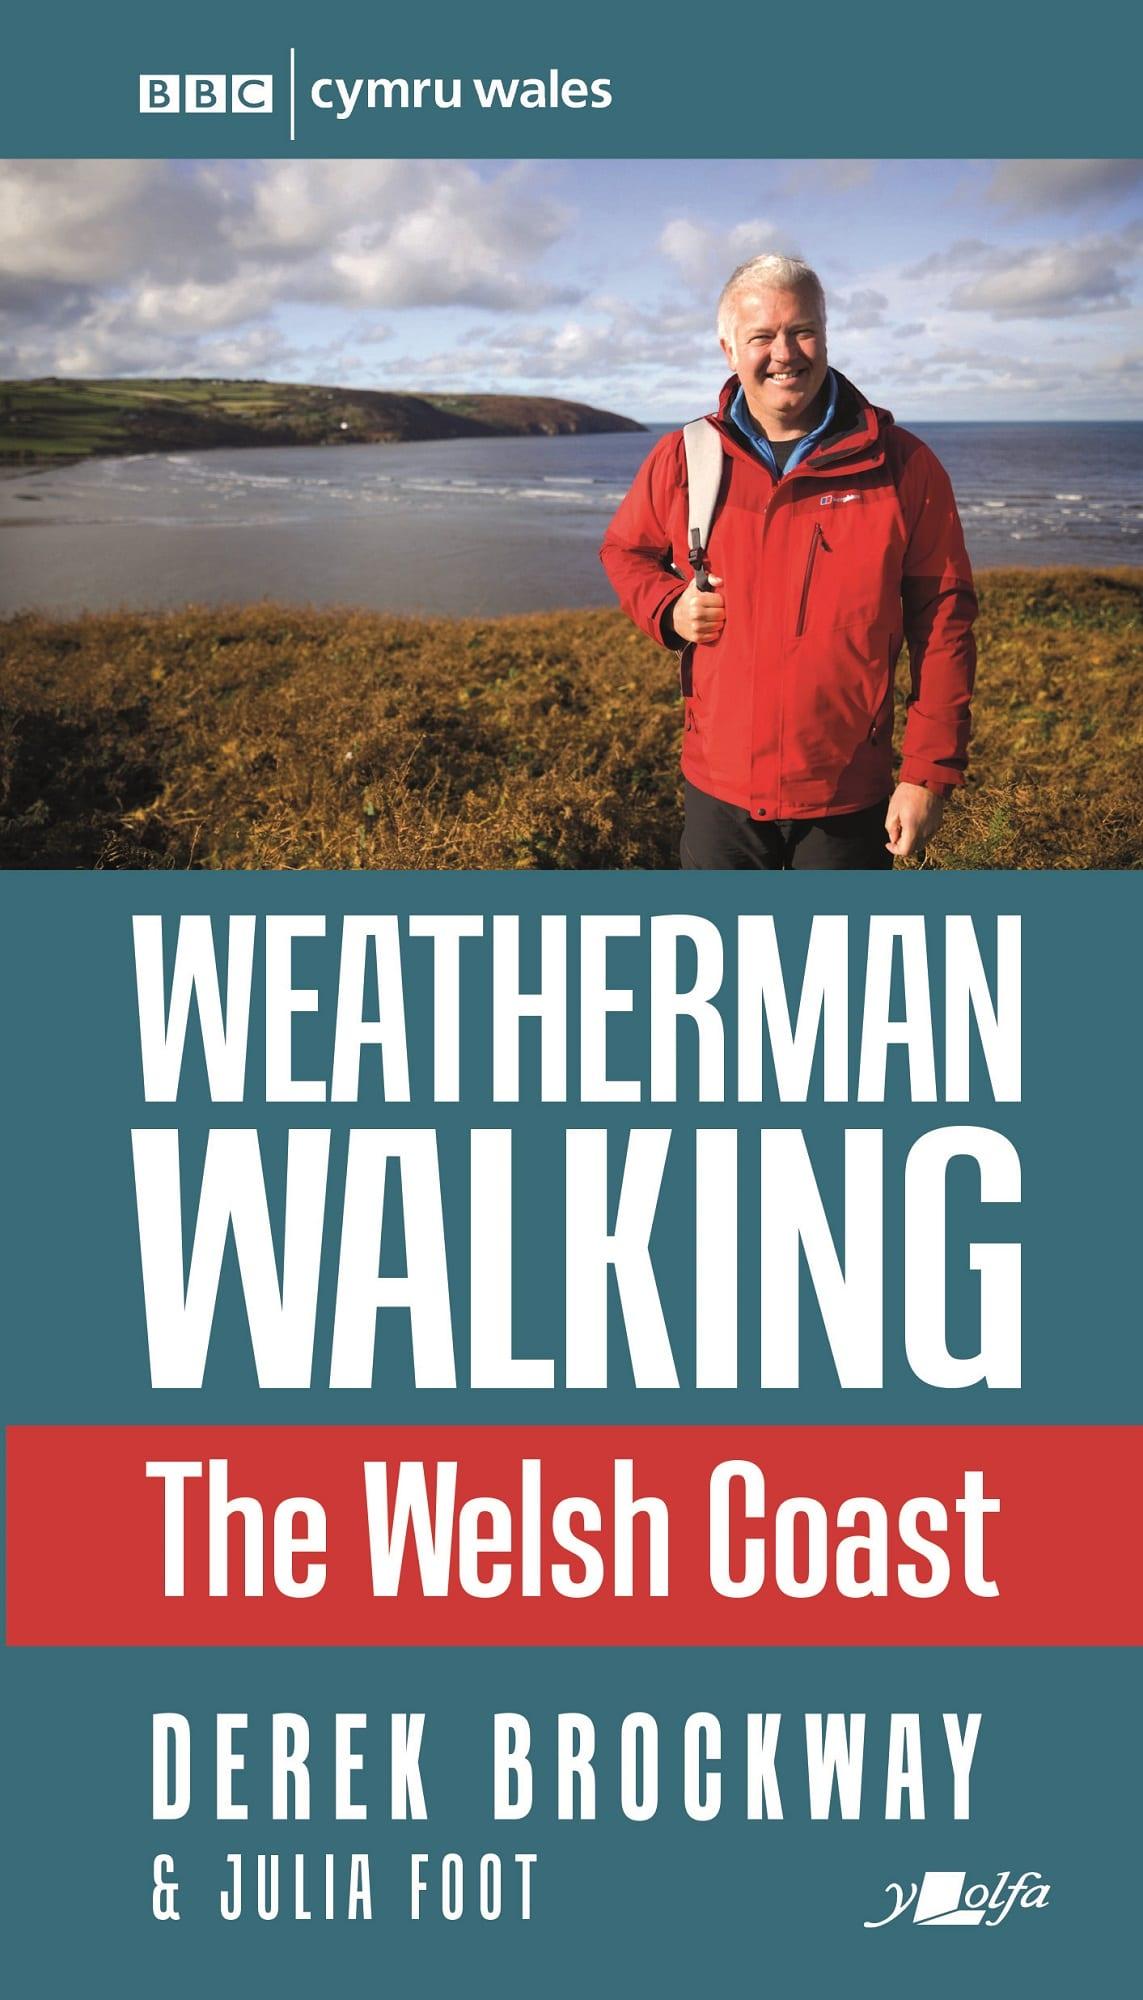 Weatherman Walking - Derek Brockway & Julia Foot